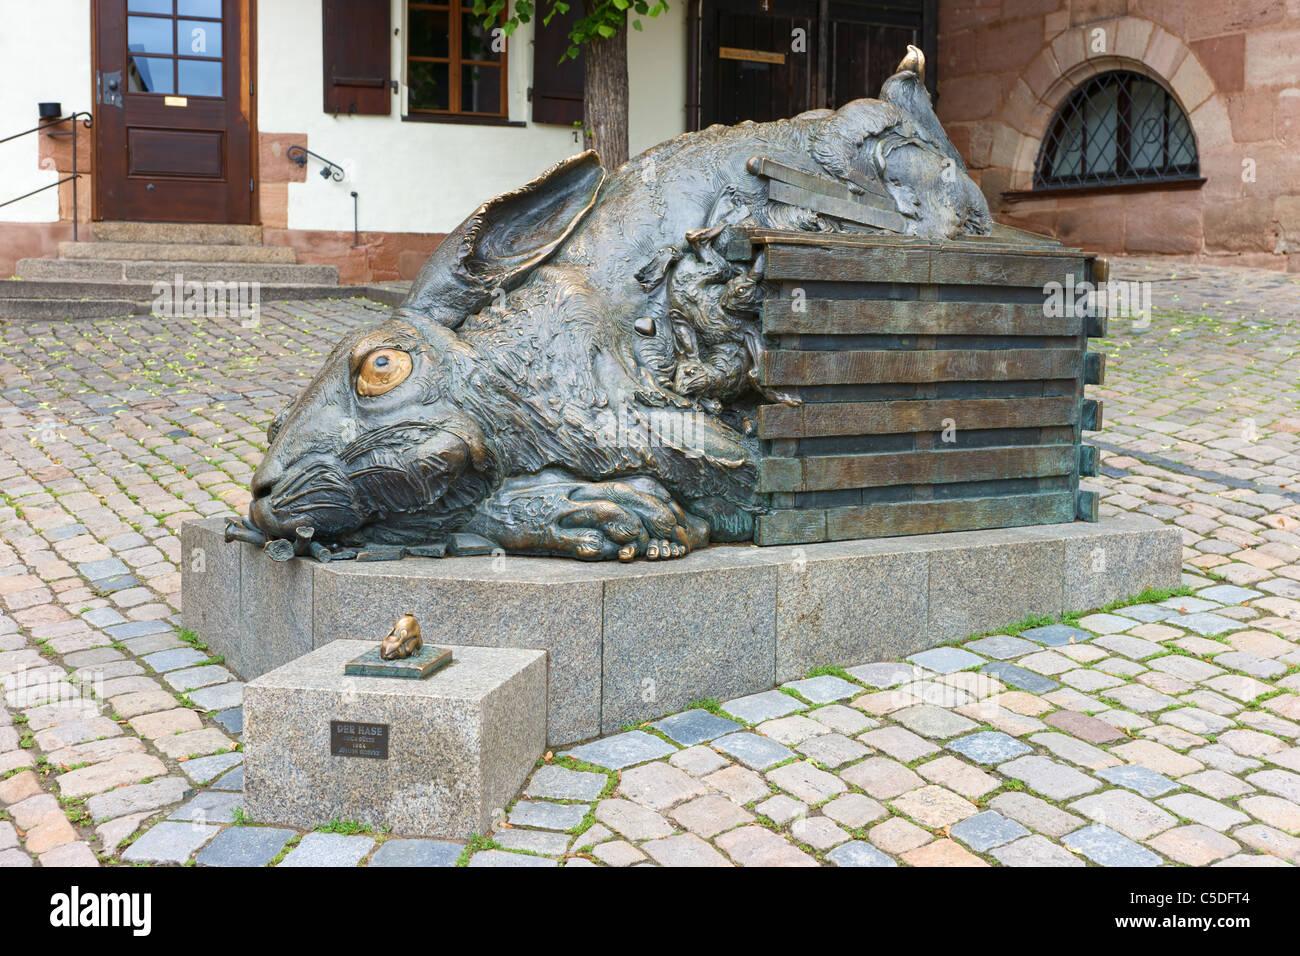 Der Hase Nach Dürer Skulptur von Jürgen Goertz 1984 Stockbild